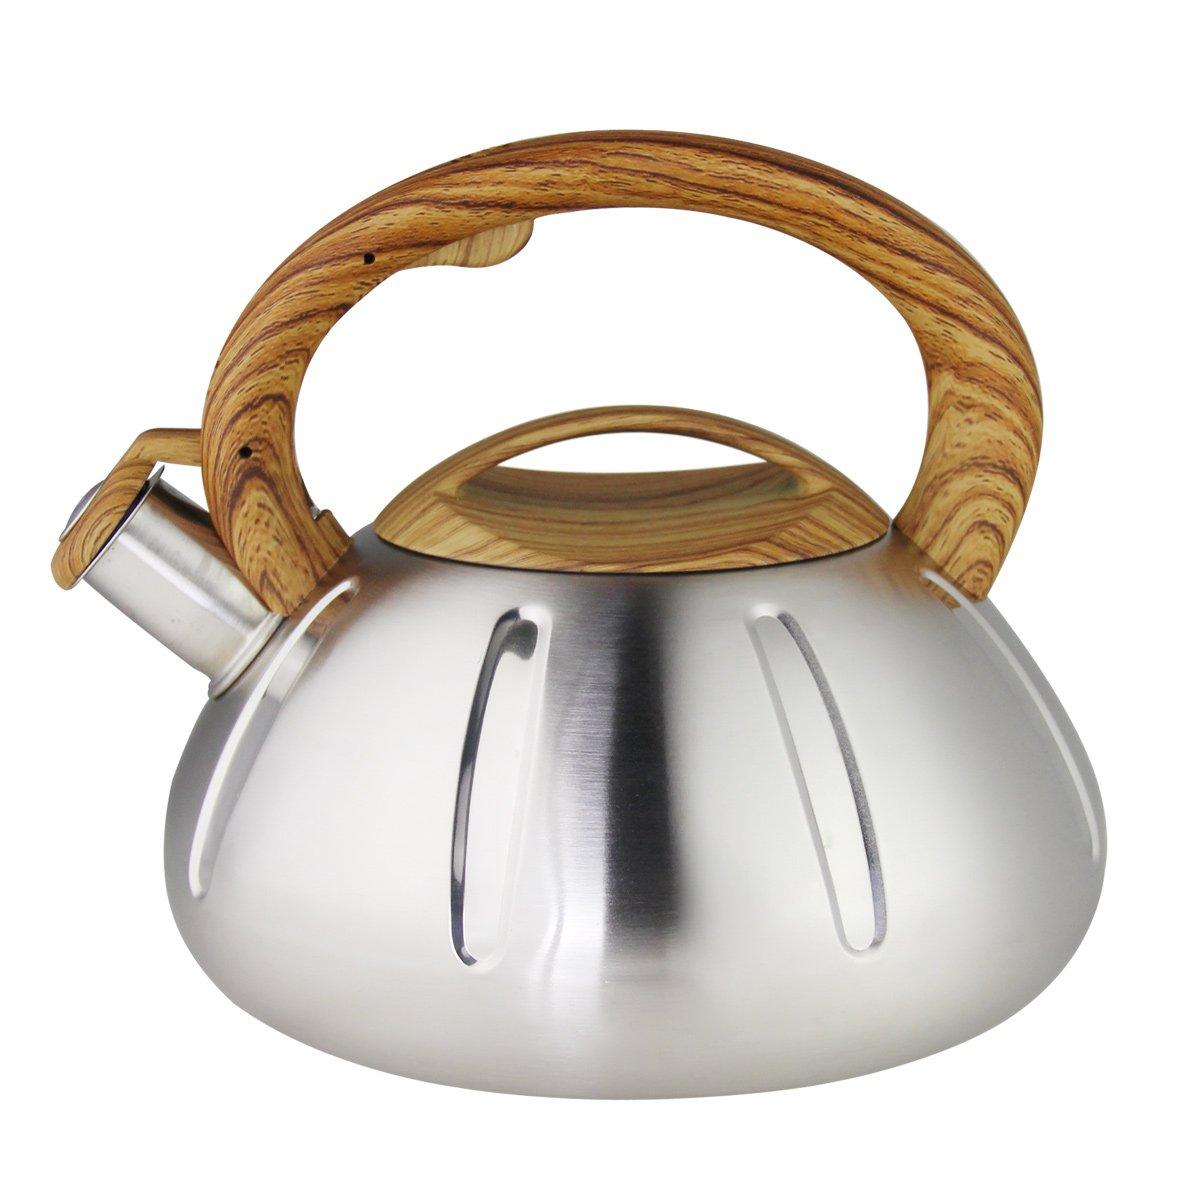 Riwendell Stainless Steel Whistling Tea Kettle 2.6-Quart StoveTop Kettle Teapot